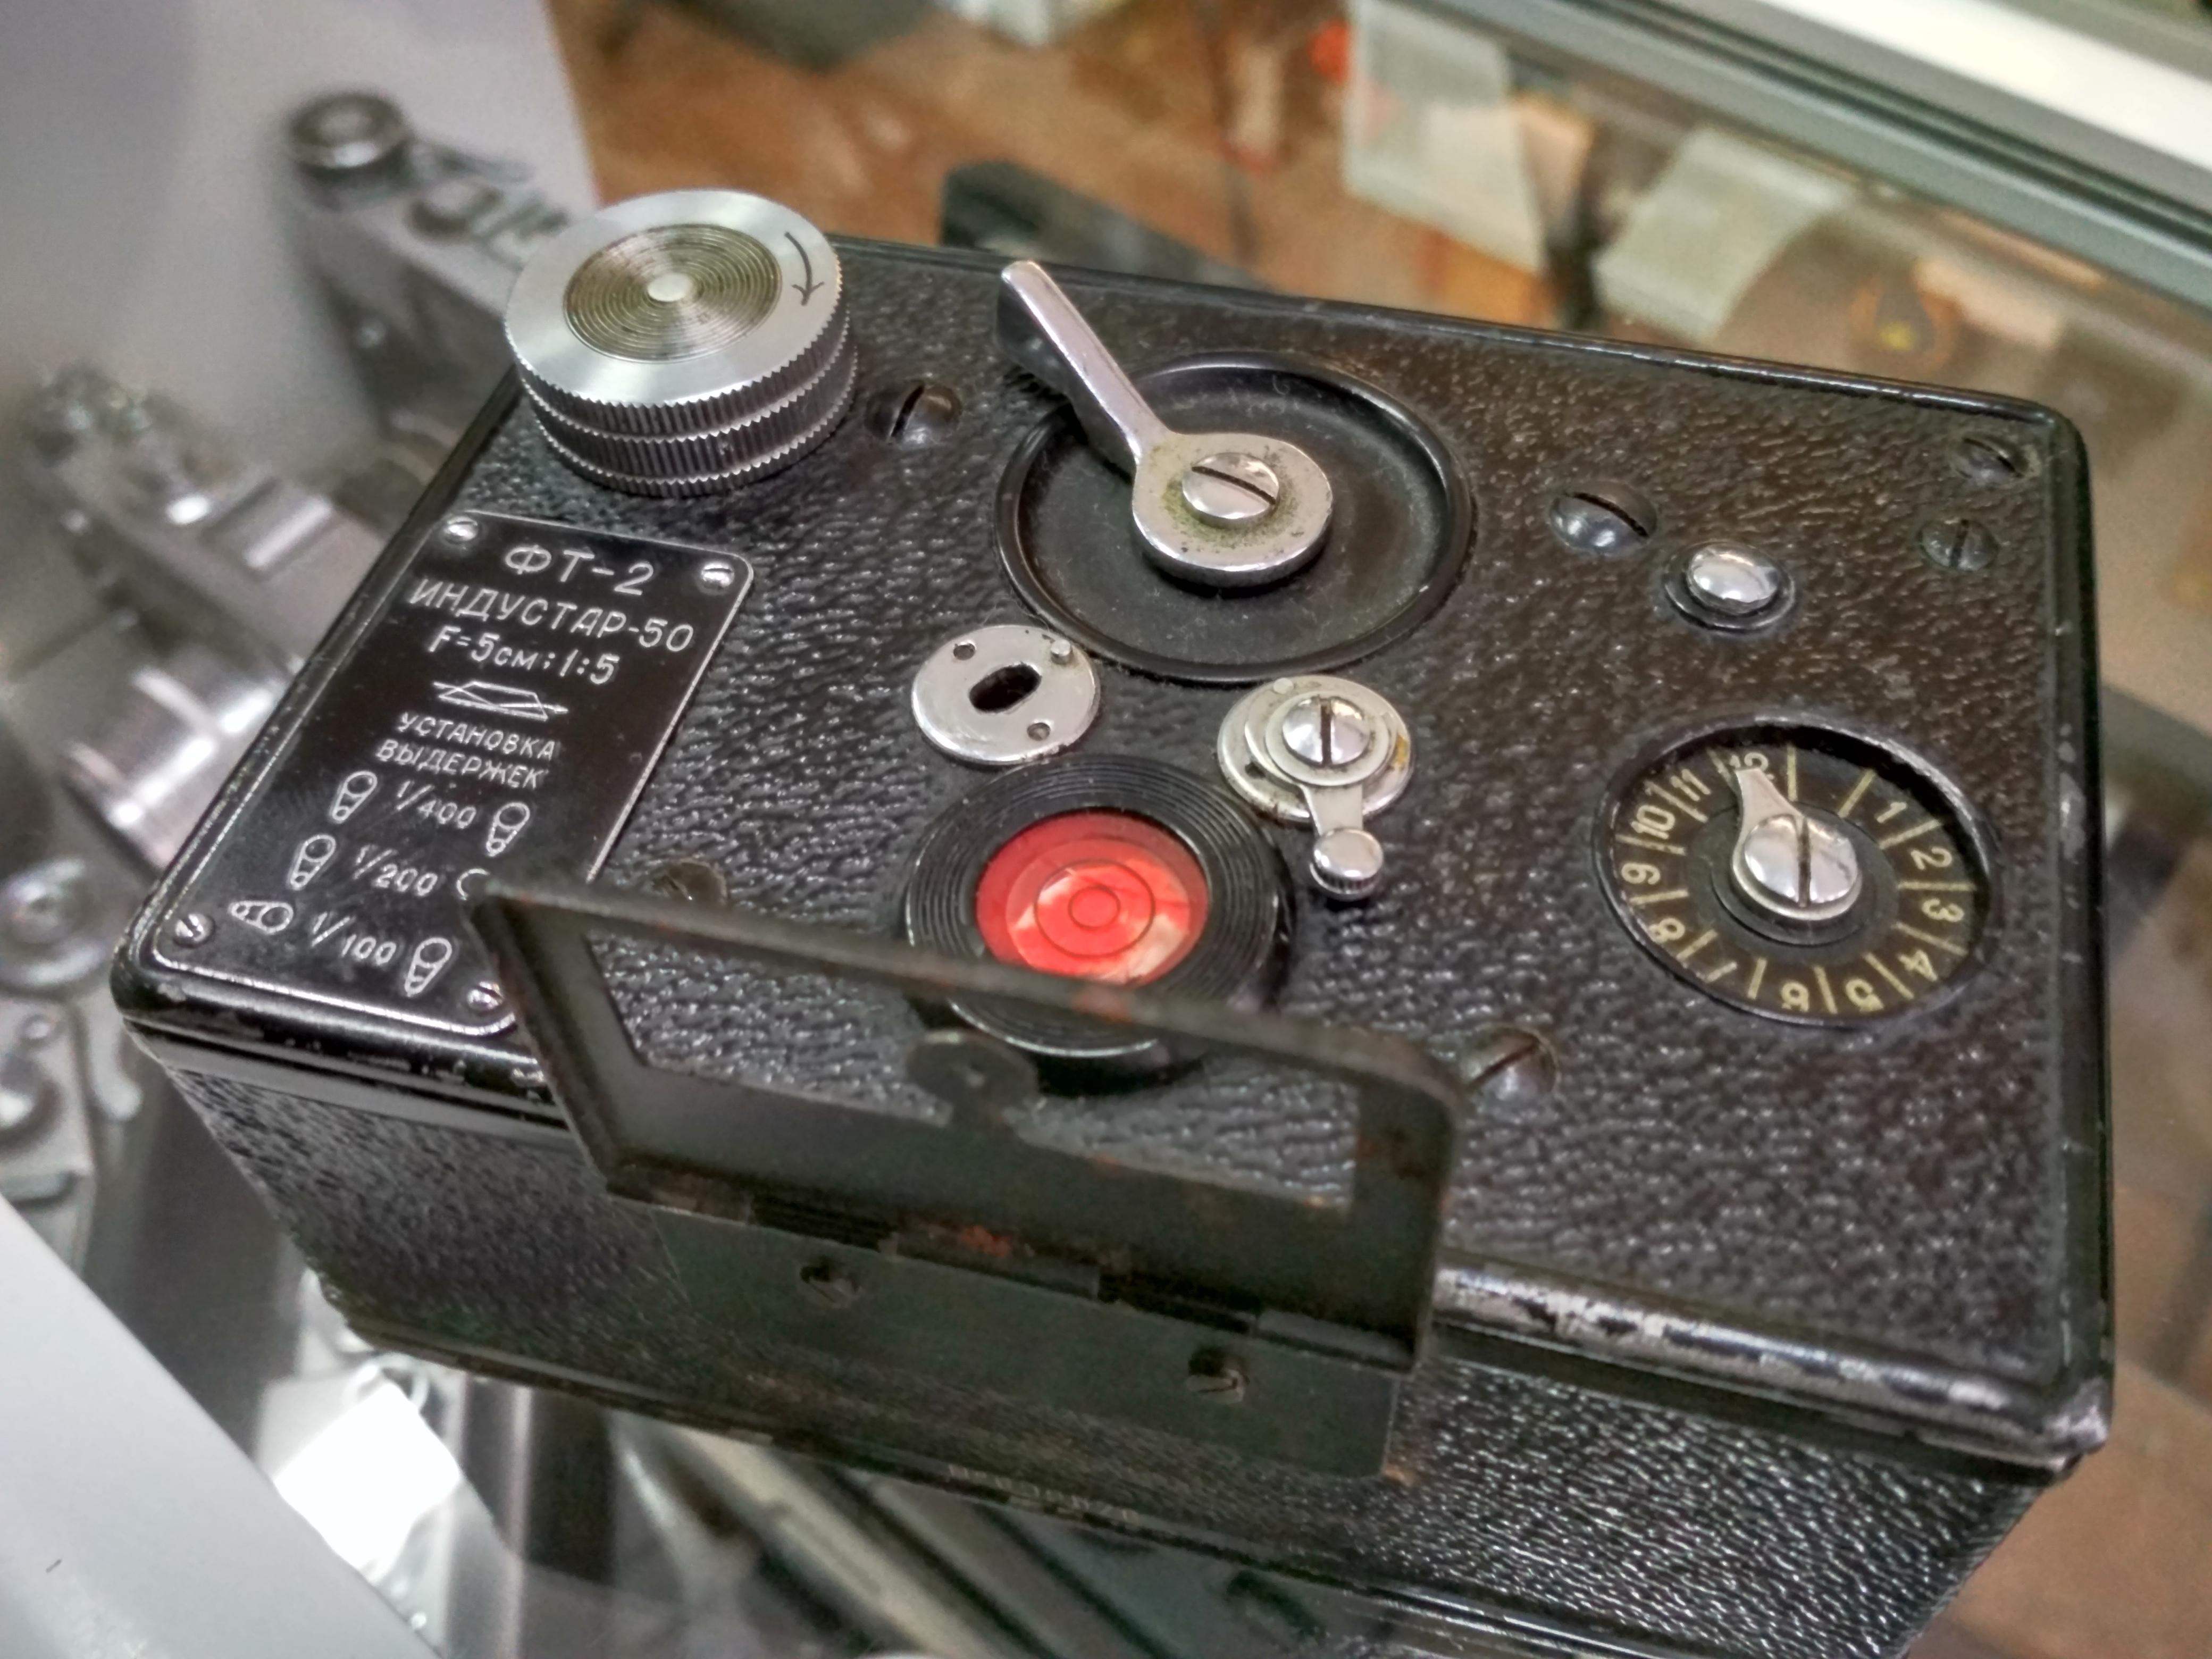 423842411559 Буквально пару дней назад в заметке о панорамном фотоаппарате Горизонт я  говорил про первые панорамные советиские камеры серии ФТ.